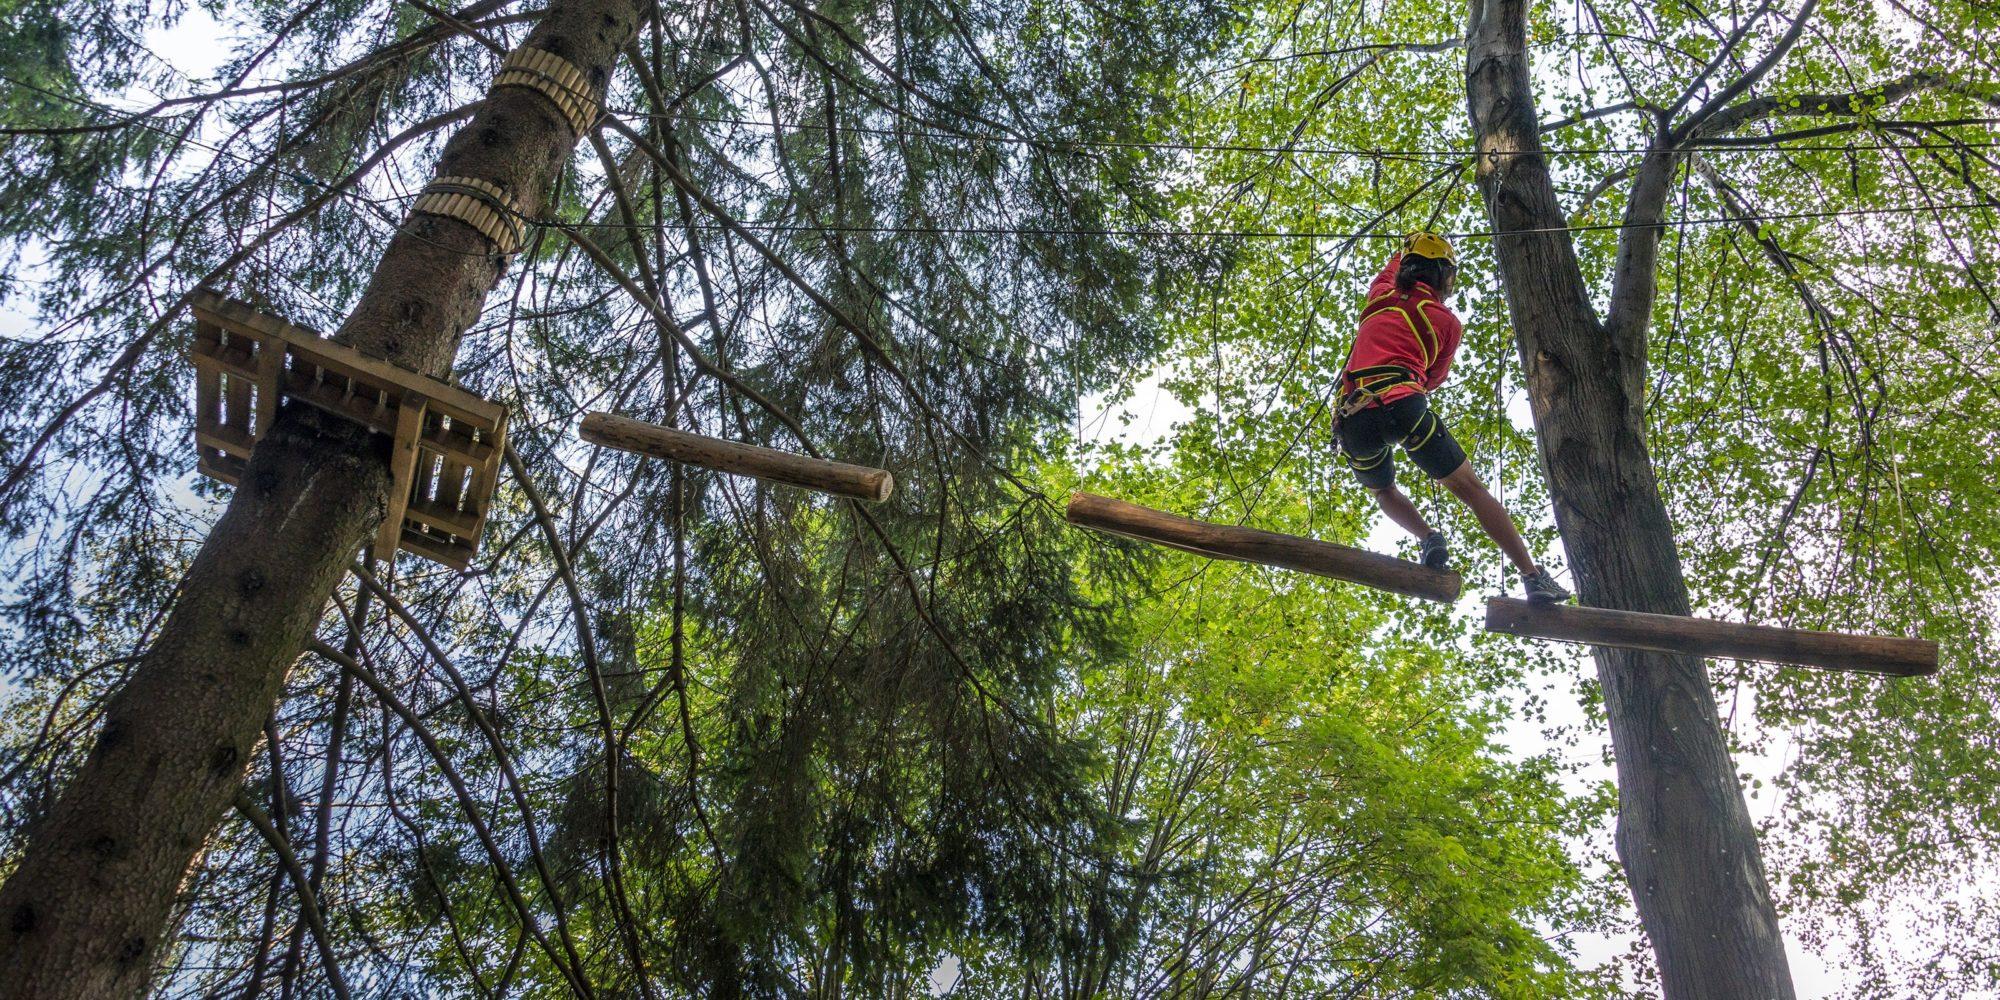 Passaggio tra gli alberi del parco avventura a Civenna